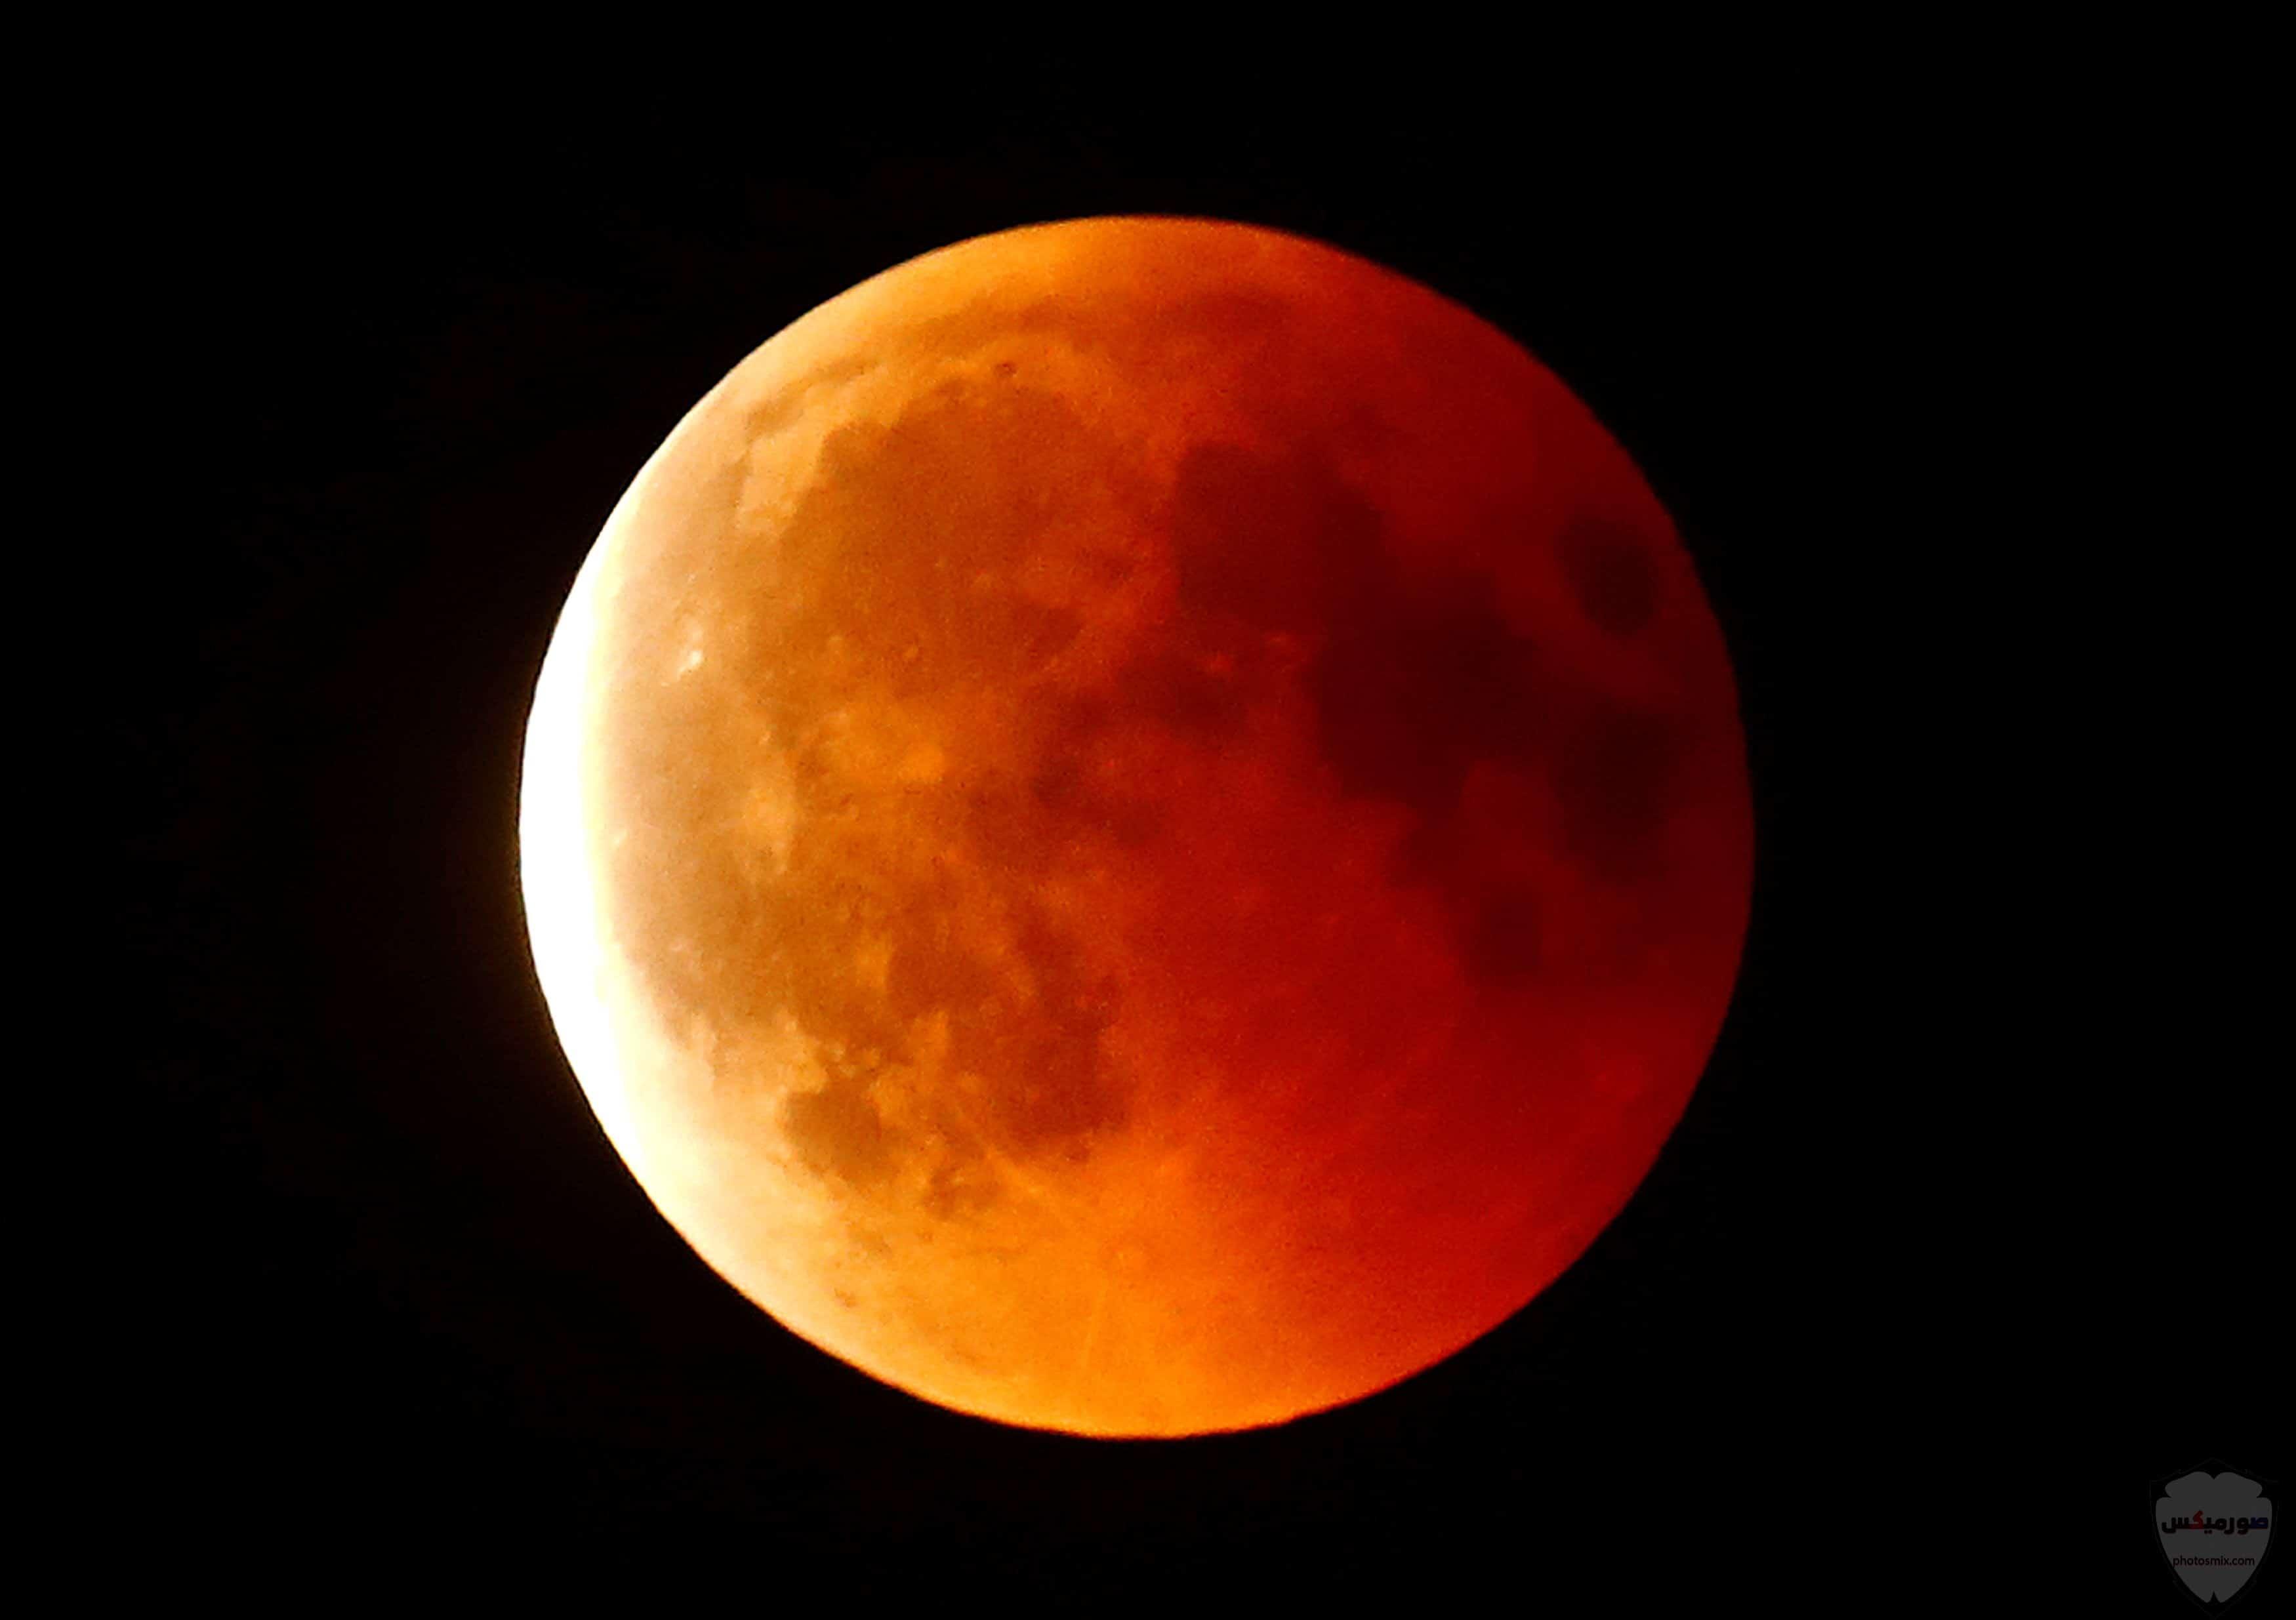 اجمل خلفيات و صور للقمر moon 2020 7